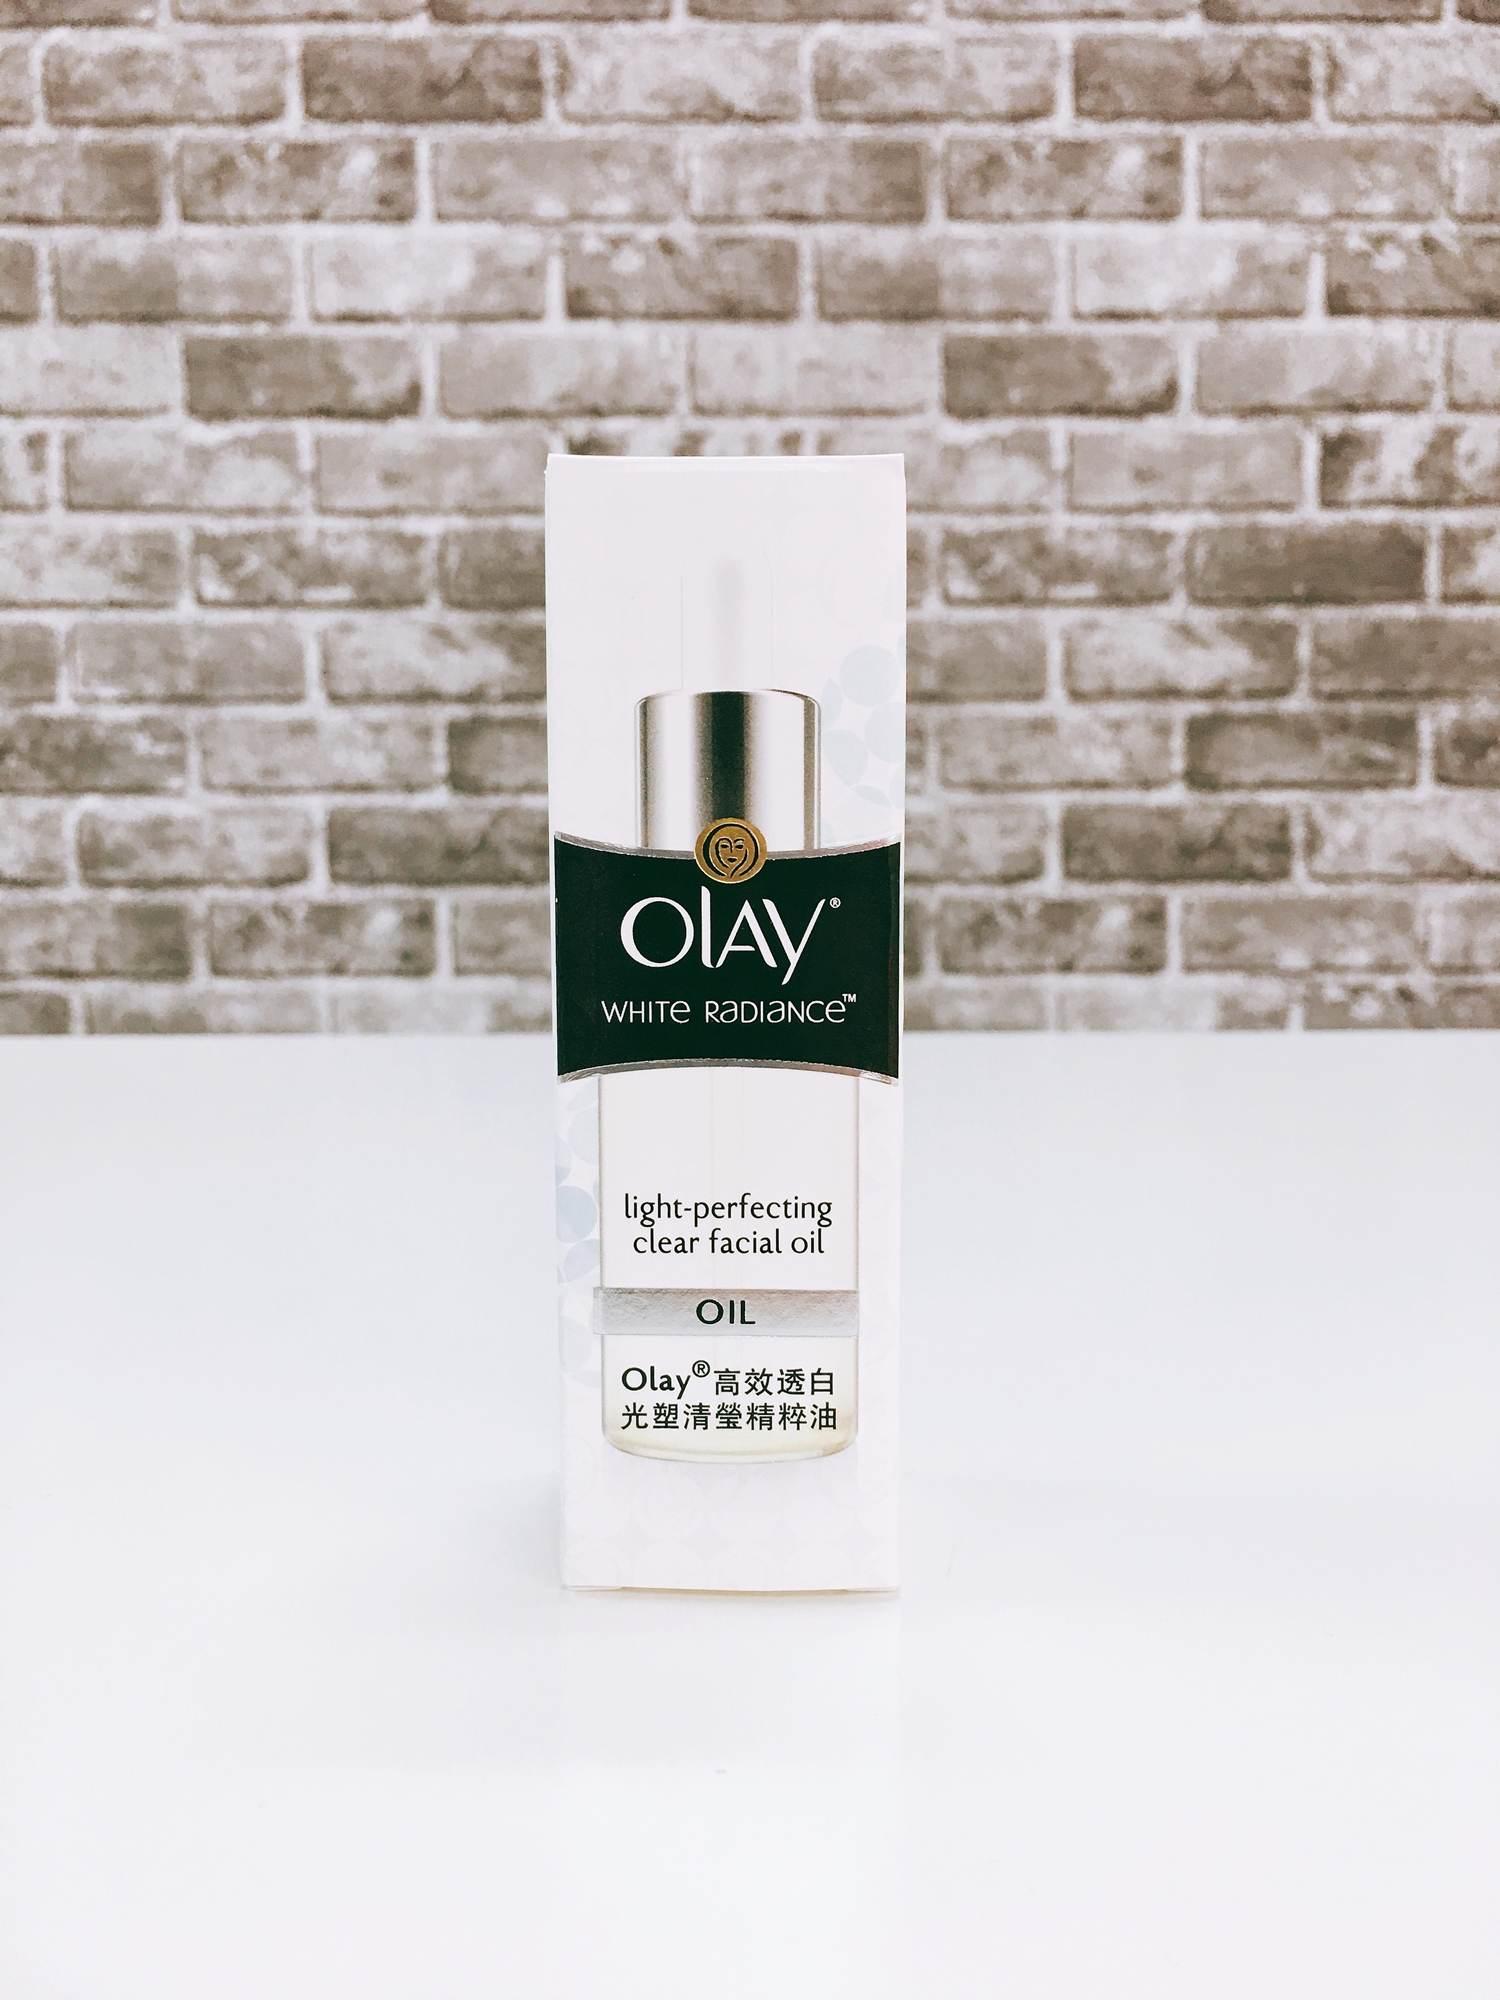 OLAY的高效透白光塑清瑩精粹油,主打可以提升肌膚光效的多效清透油,且沒有香精和色素,可以輕鬆打造白裡透光的高顏質美肌。